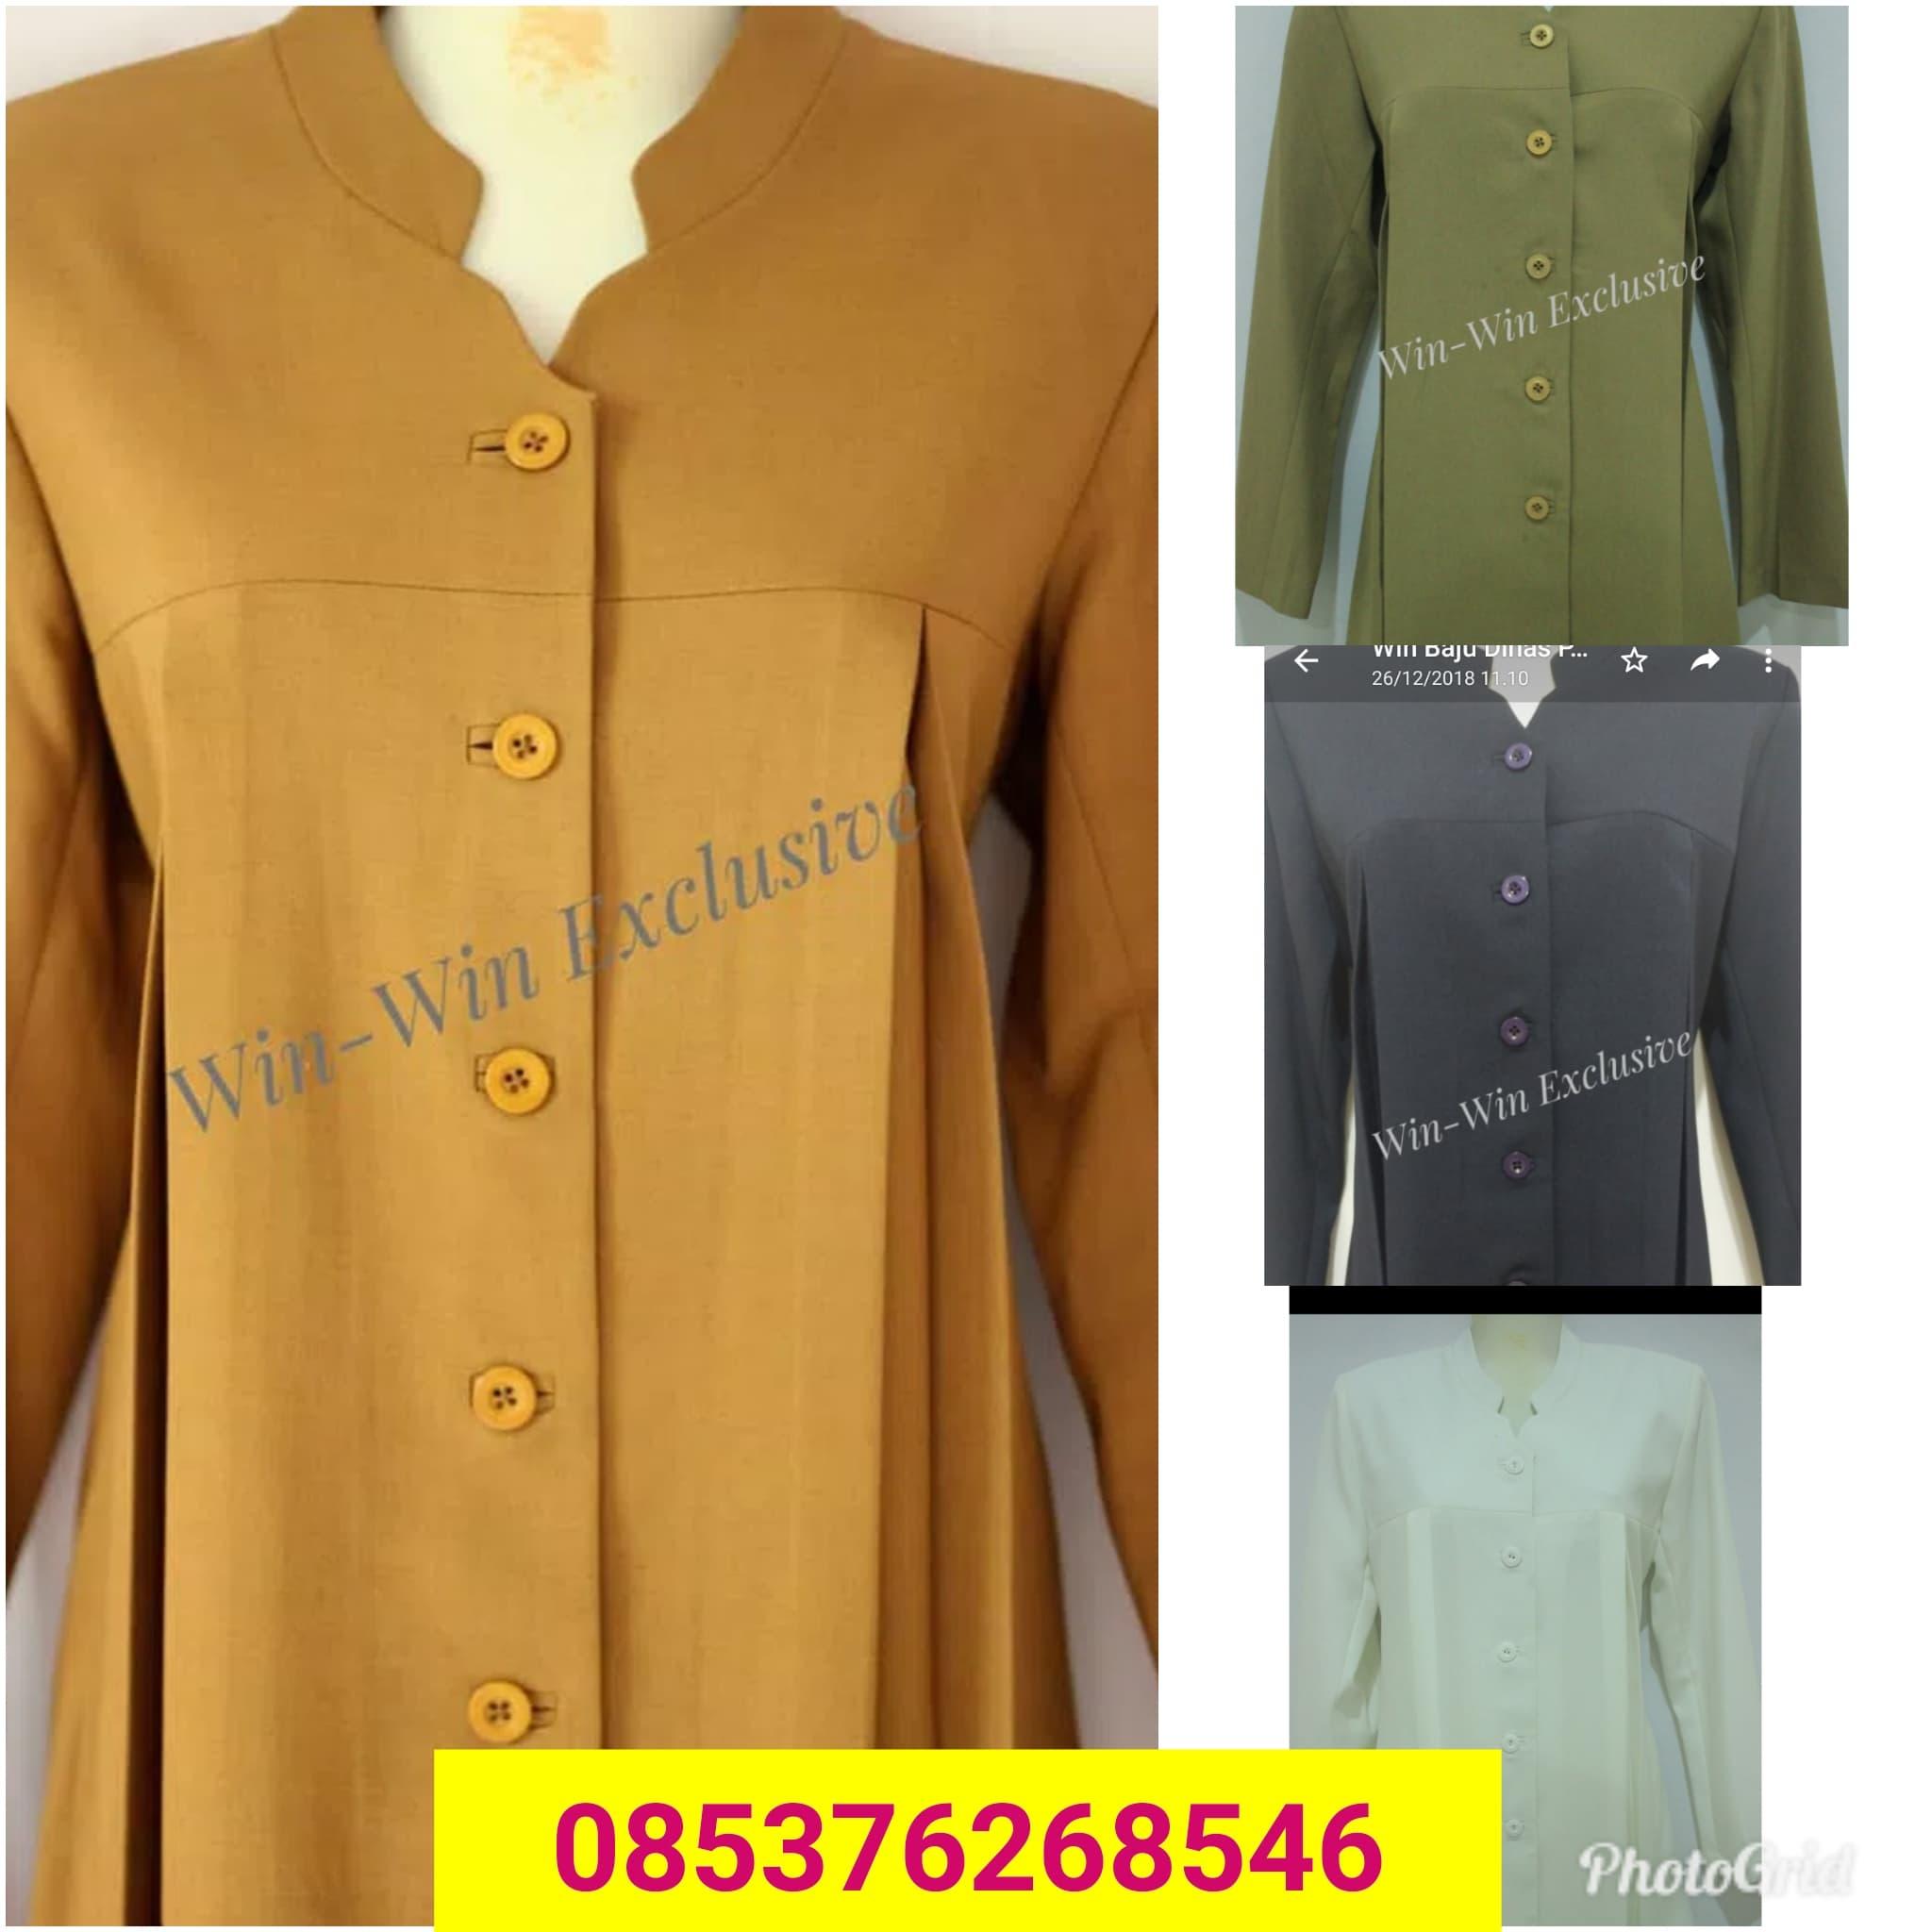 10 Model Baju Blazer Untuk Ibu Hamil Terbaik - modelbaju.id